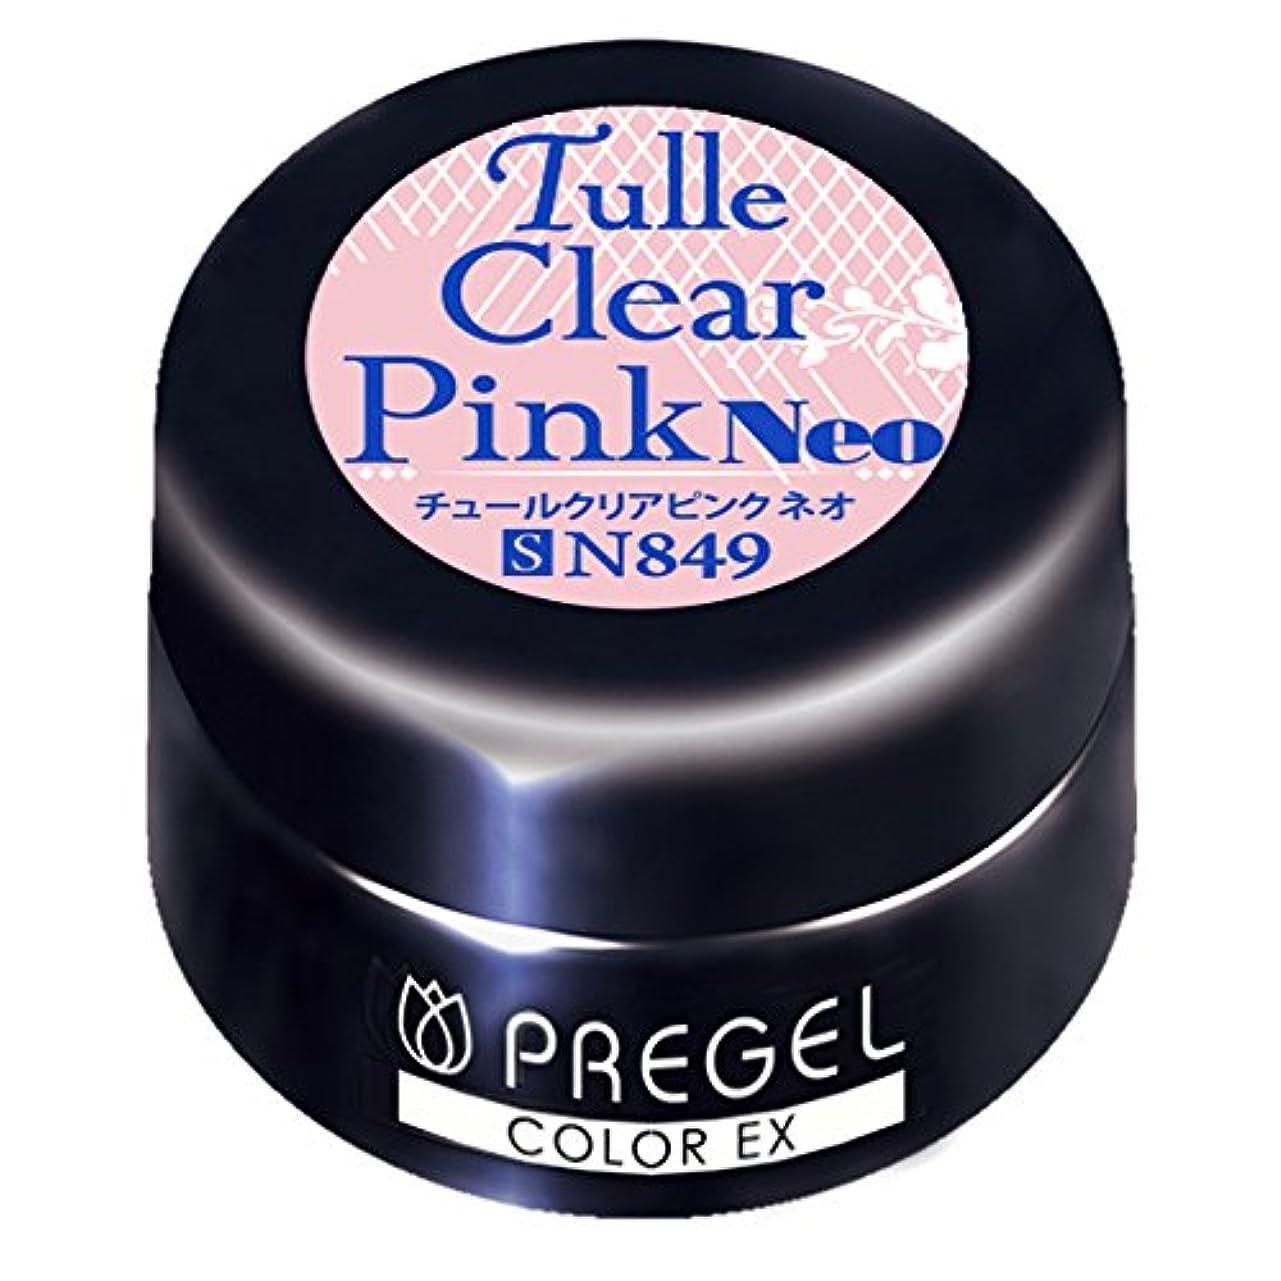 数アルバニー小屋PRE GEL カラーEX チュールクリアピンクneo849 3g UV/LED対応